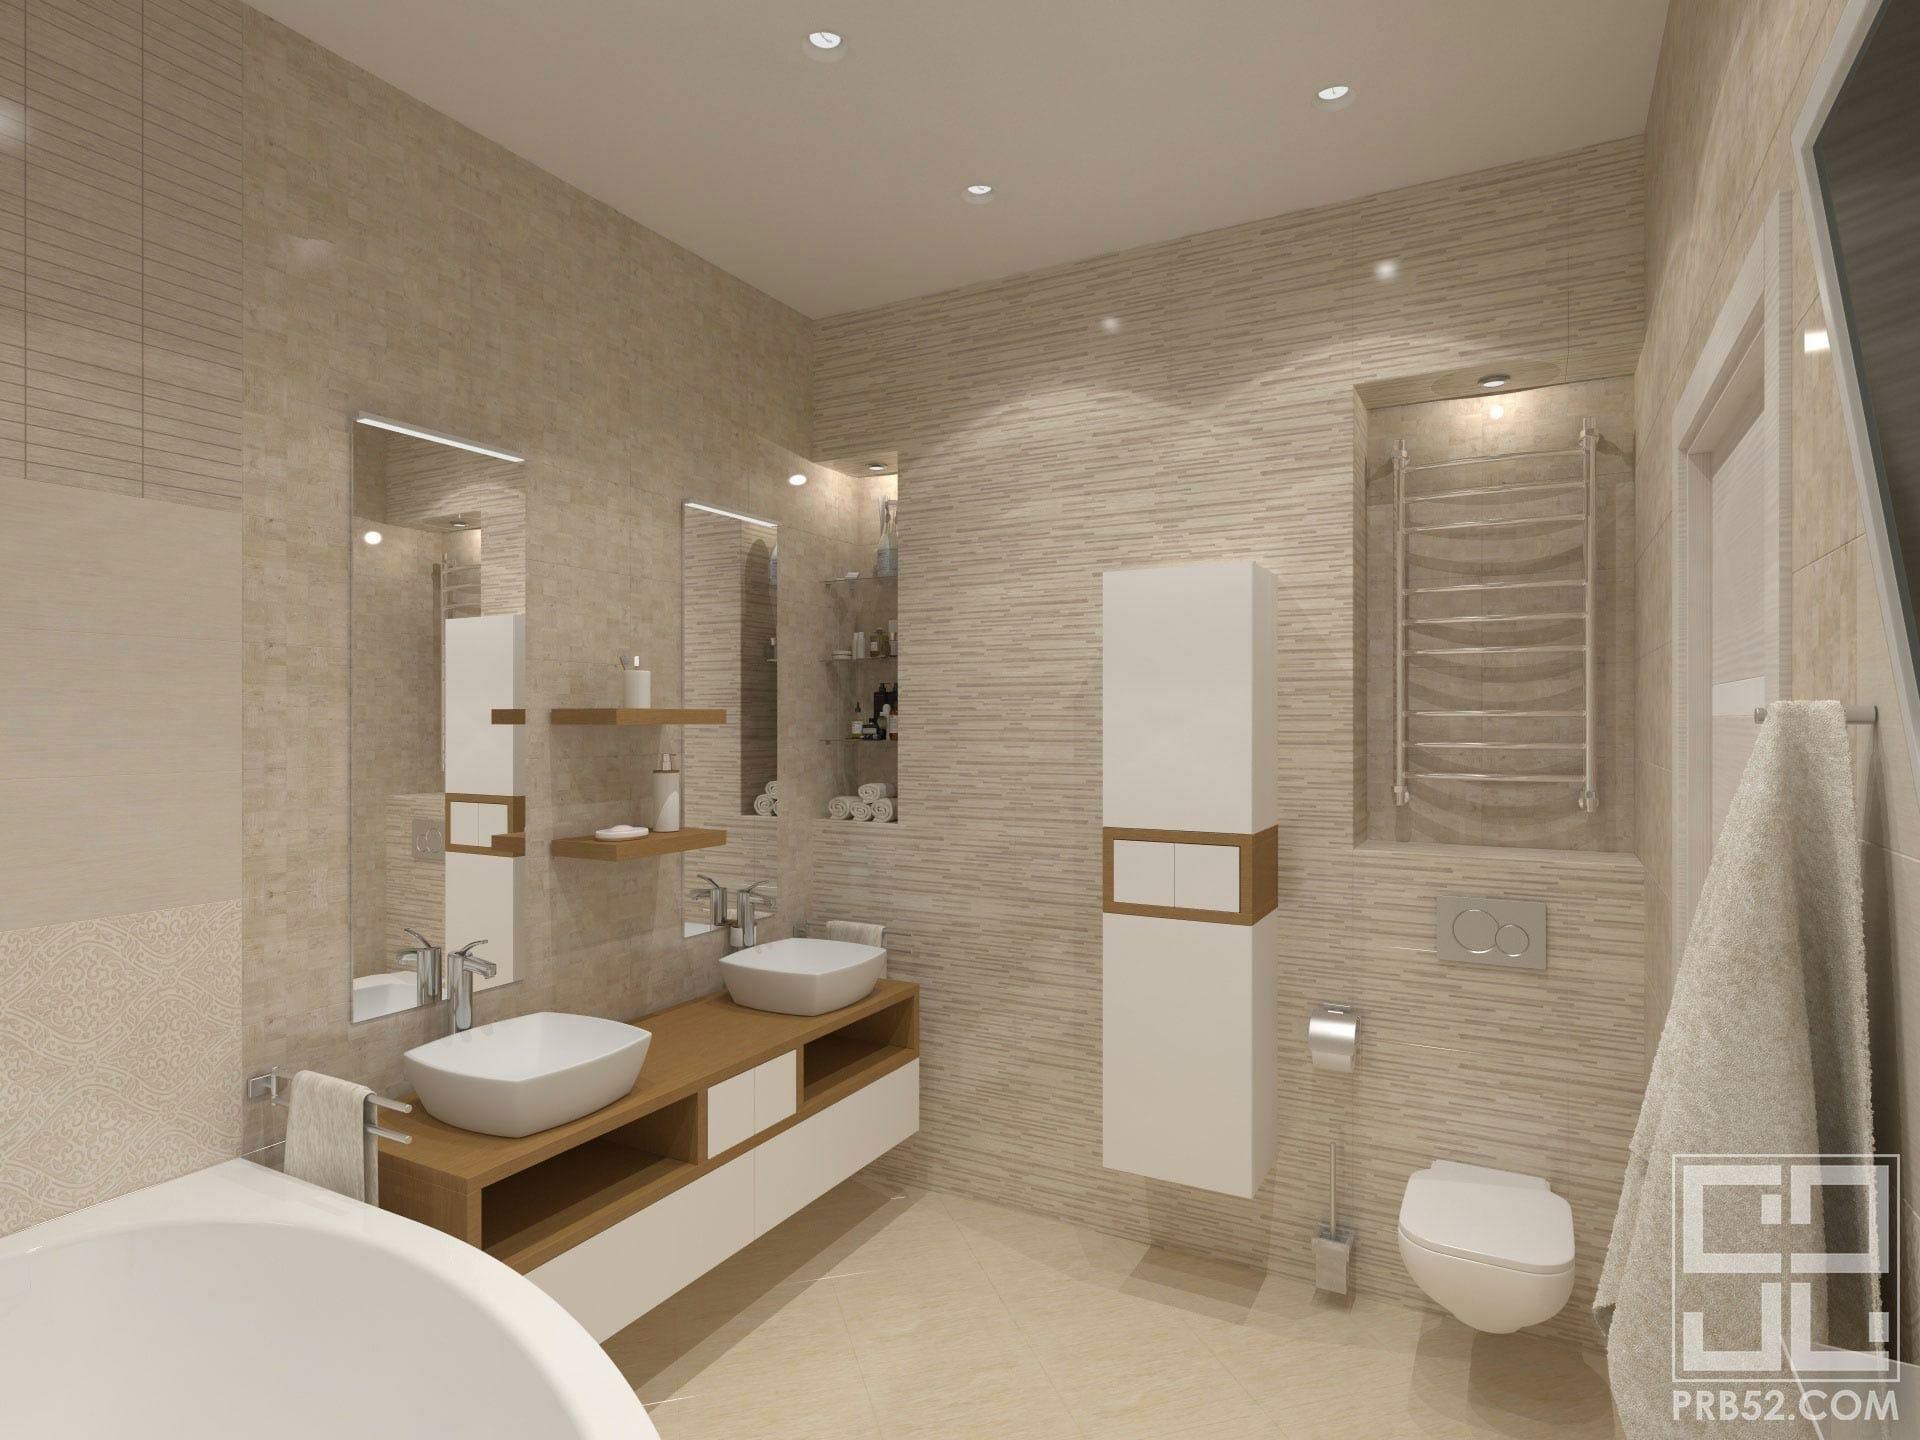 дизайн интерьера ванной в частном доме с двумя мойками